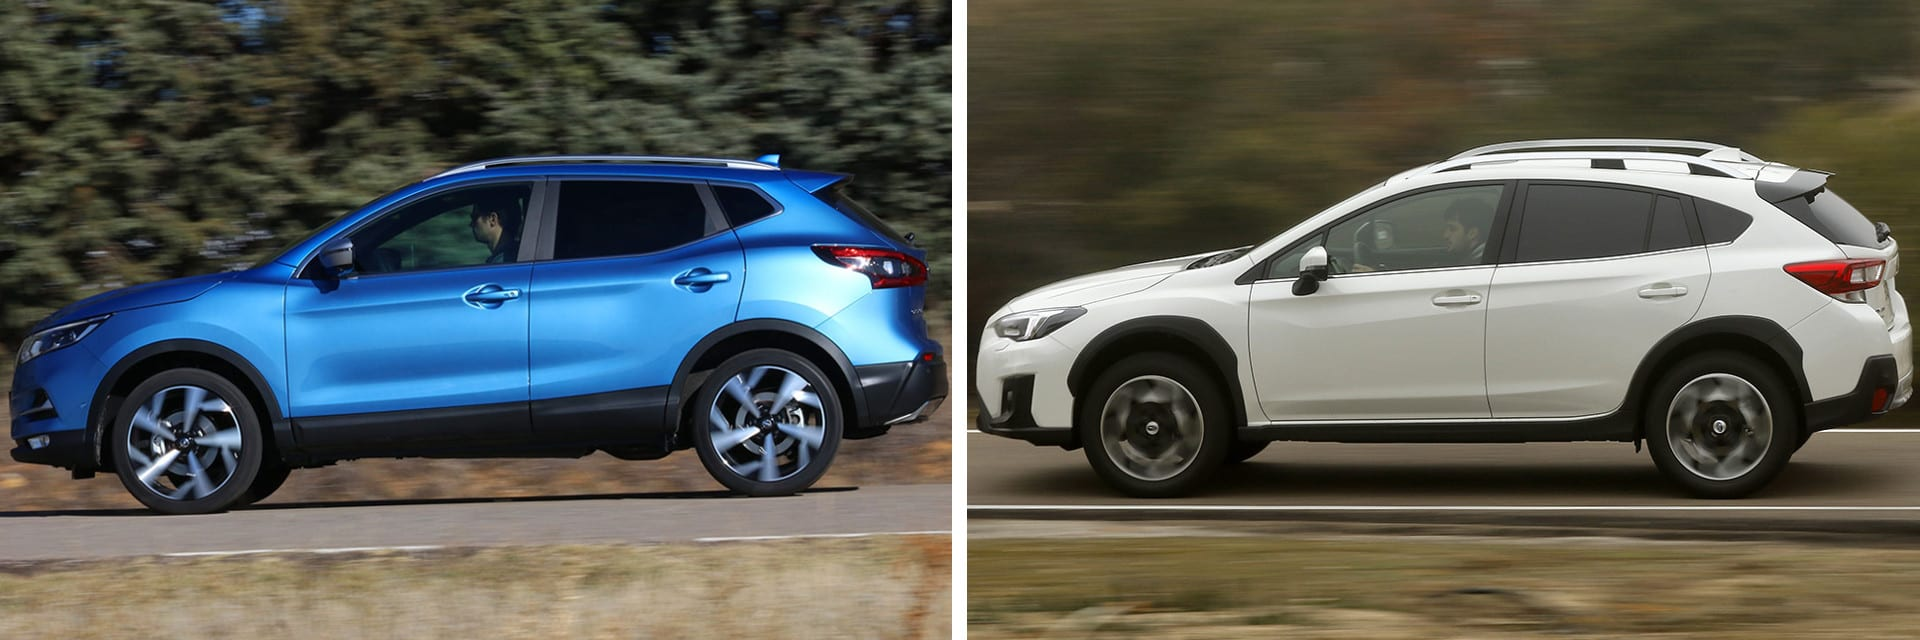 Las fotos del Nissan Qashqai (izq.) corresponden al acabado Tekna+ (34.950 €) y las del Subaru XV (dcha.) al Executive Plus (29.700 €). A estos precios habría que sumar el del equipamiento opcional de cada modelo (*) / km77